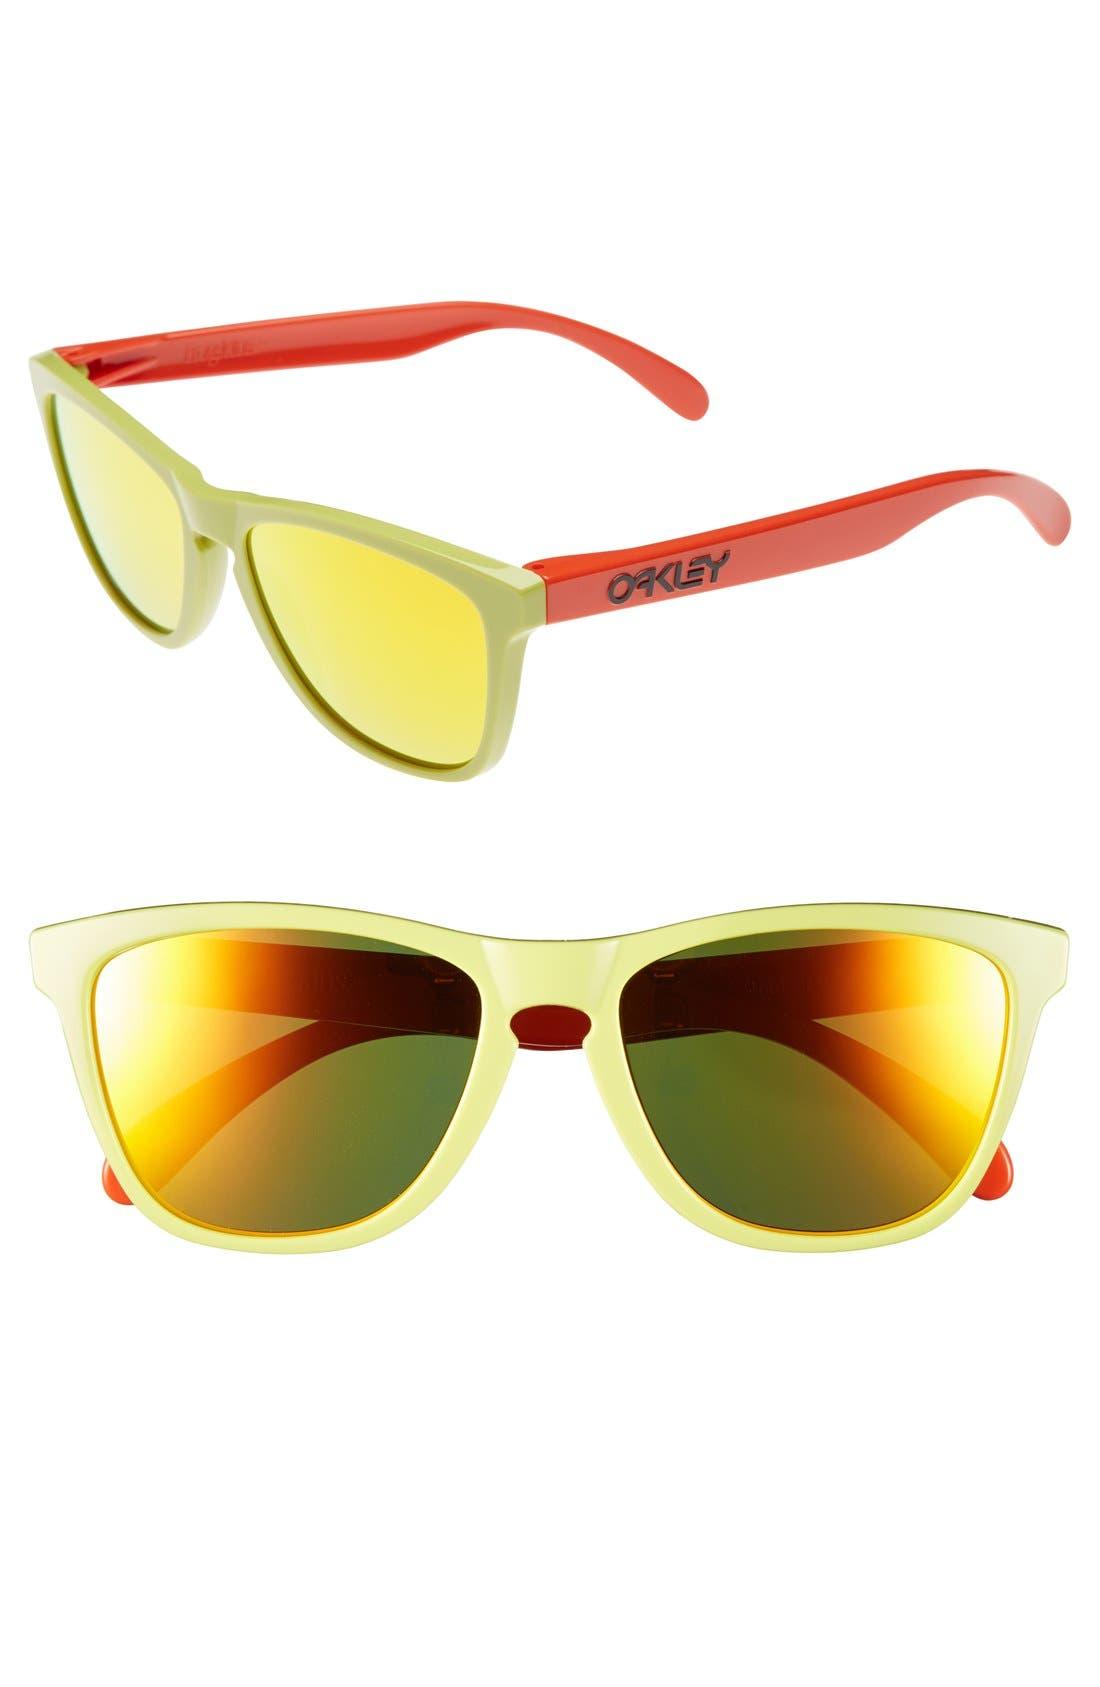 Main Image - Oakley 'Frogskins® - Aquatique' 55mm Sunglasses